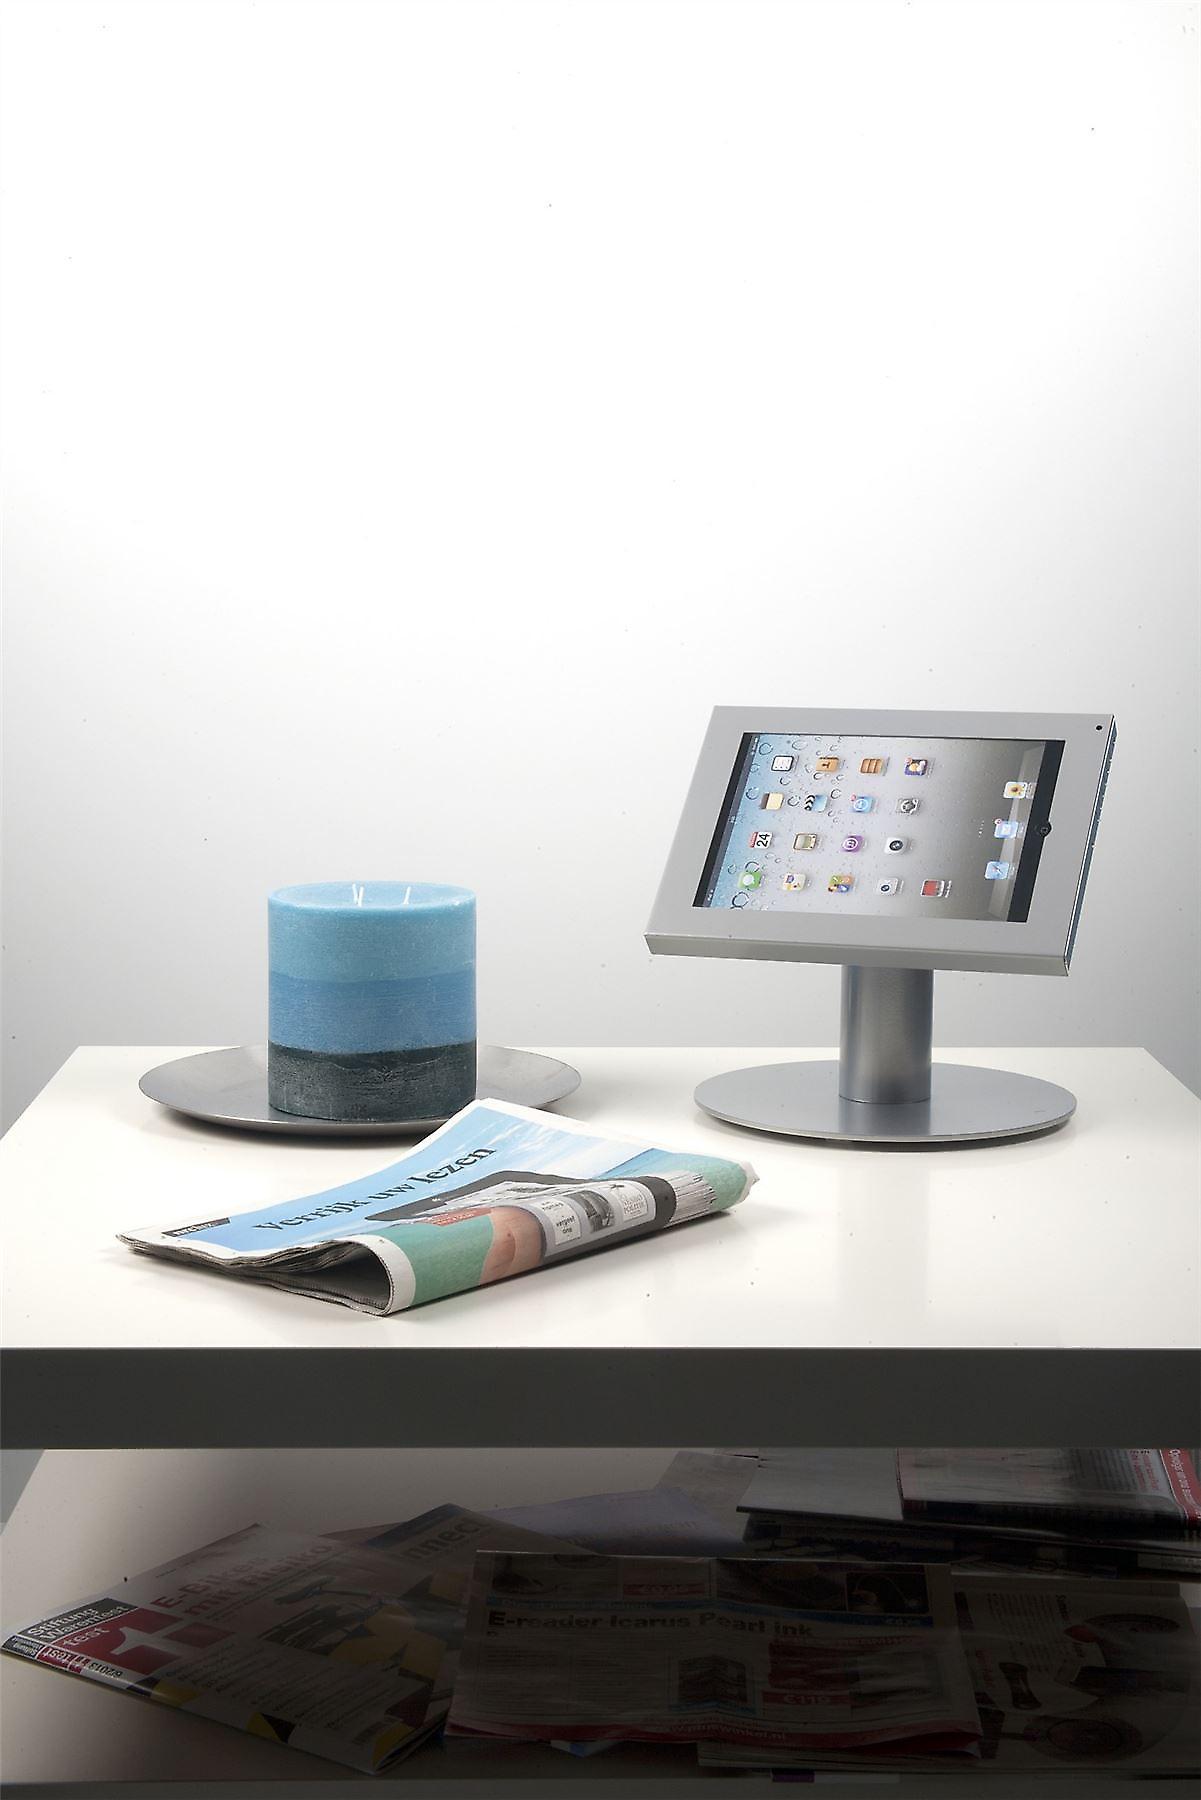 Odyssey acier inoxydable iPad BROSSE - modèle de table - Convient pour iPad AIR, 2-4 iPad et de nombreux comprimés 9.7